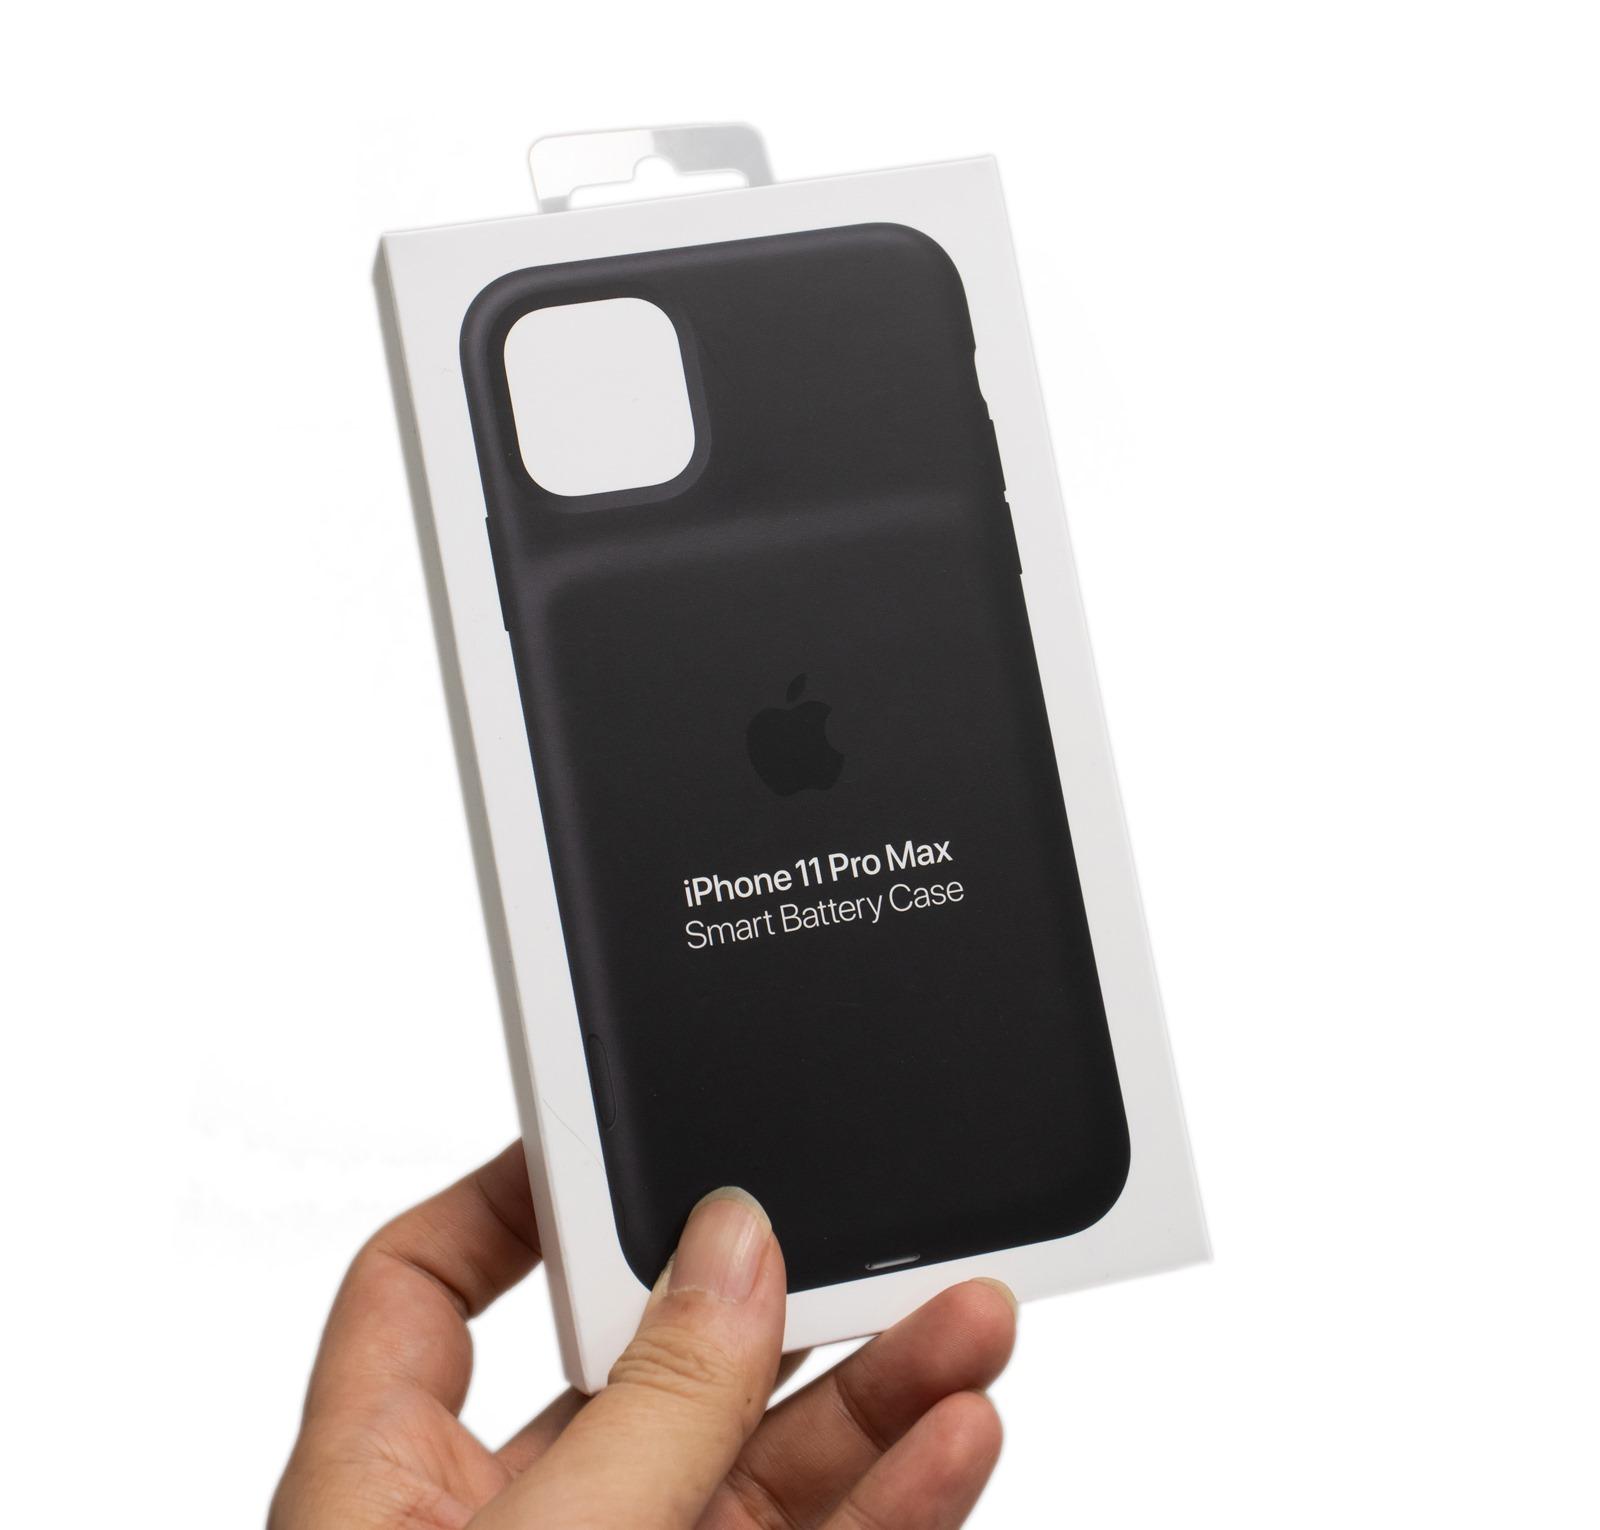 【開箱】蘋果原廠真的厲害!iPhone 11 Pro Max聰穎電池護殼入手分享+電力實測